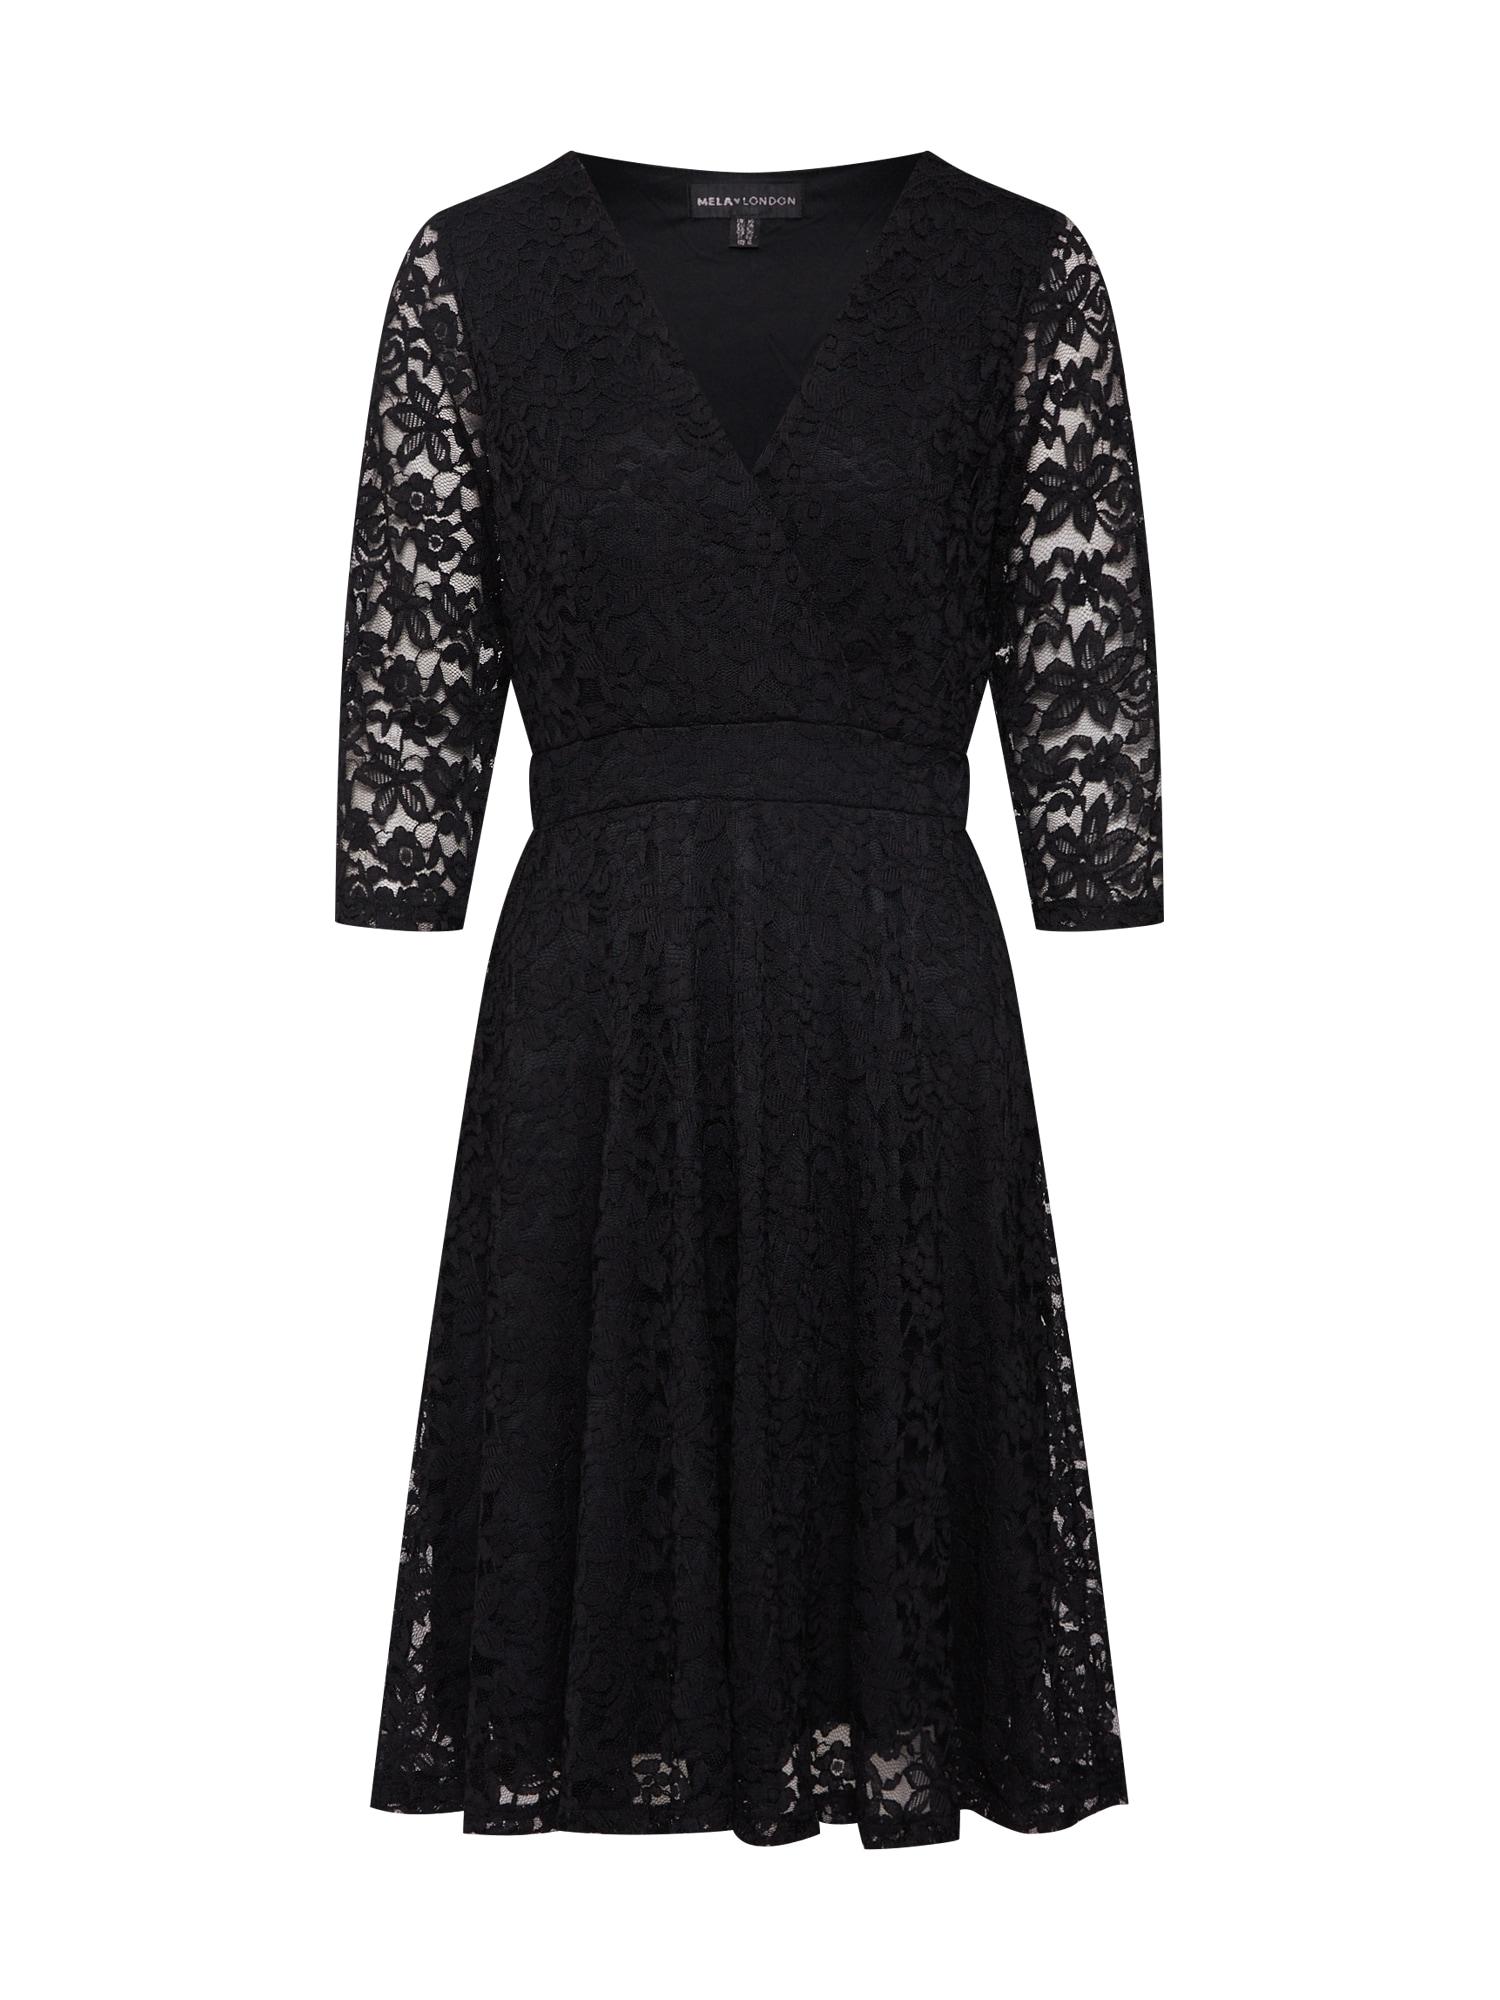 Koktejlové šaty DELICATE LACE LONG SLEEVE DRESS černá Mela London